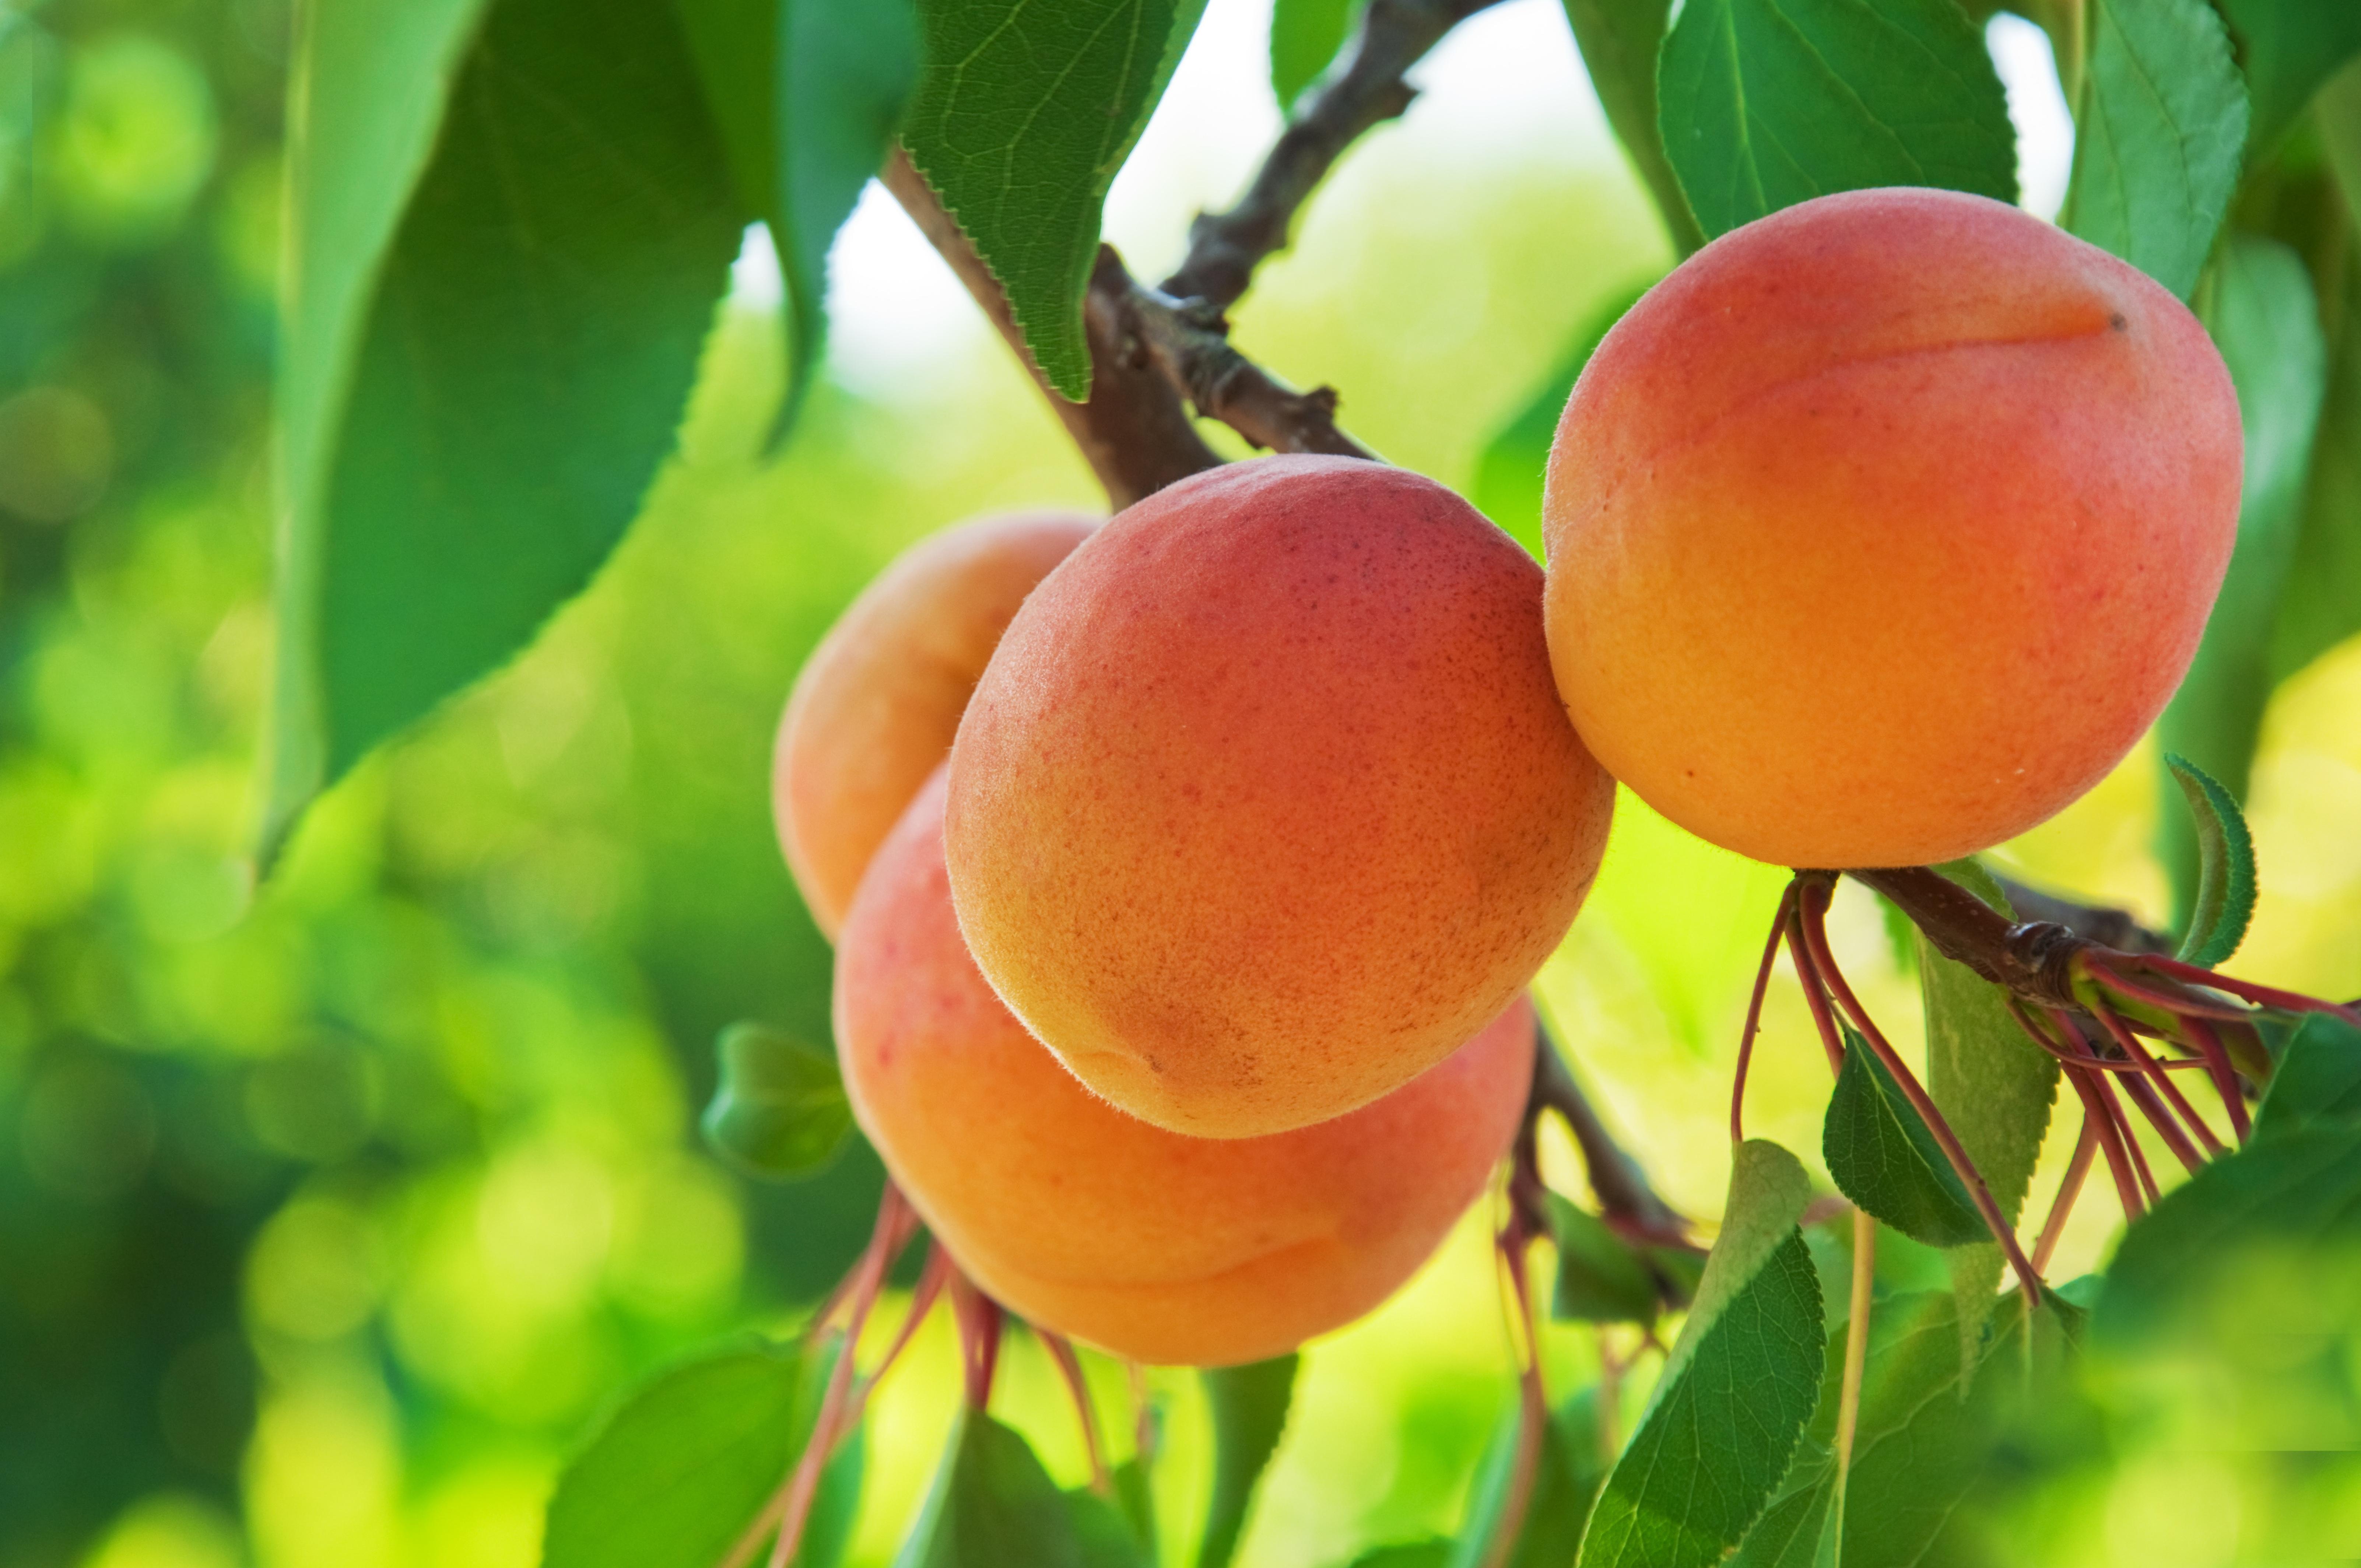 натуральным картинка ветка абрикос экскурсии проходят здесь